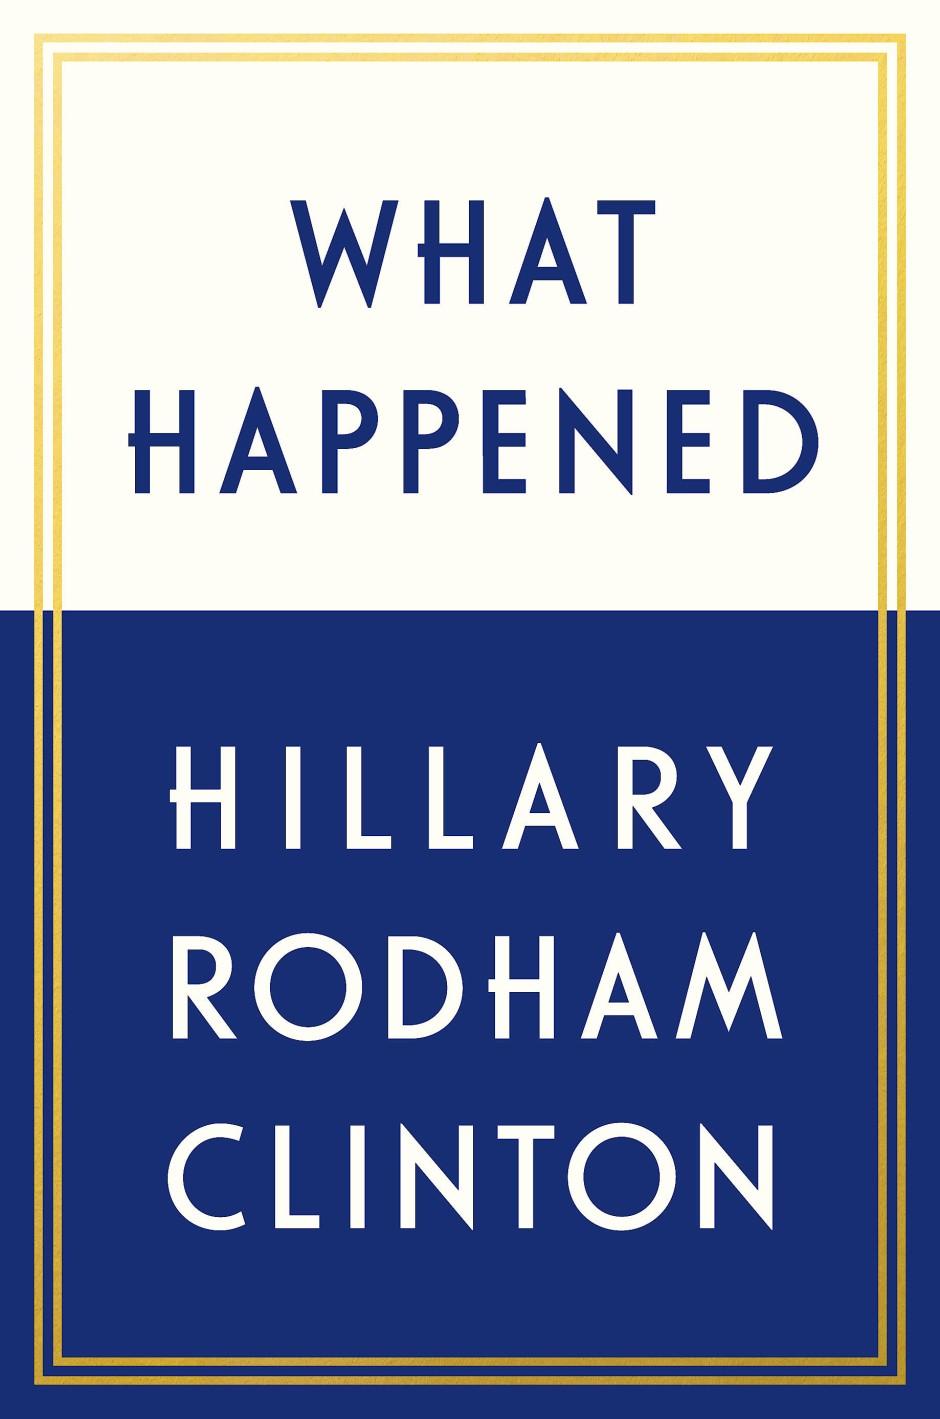 In ihrem neuen Buch will Hillary Clinton erklären, wie es passiert ist.